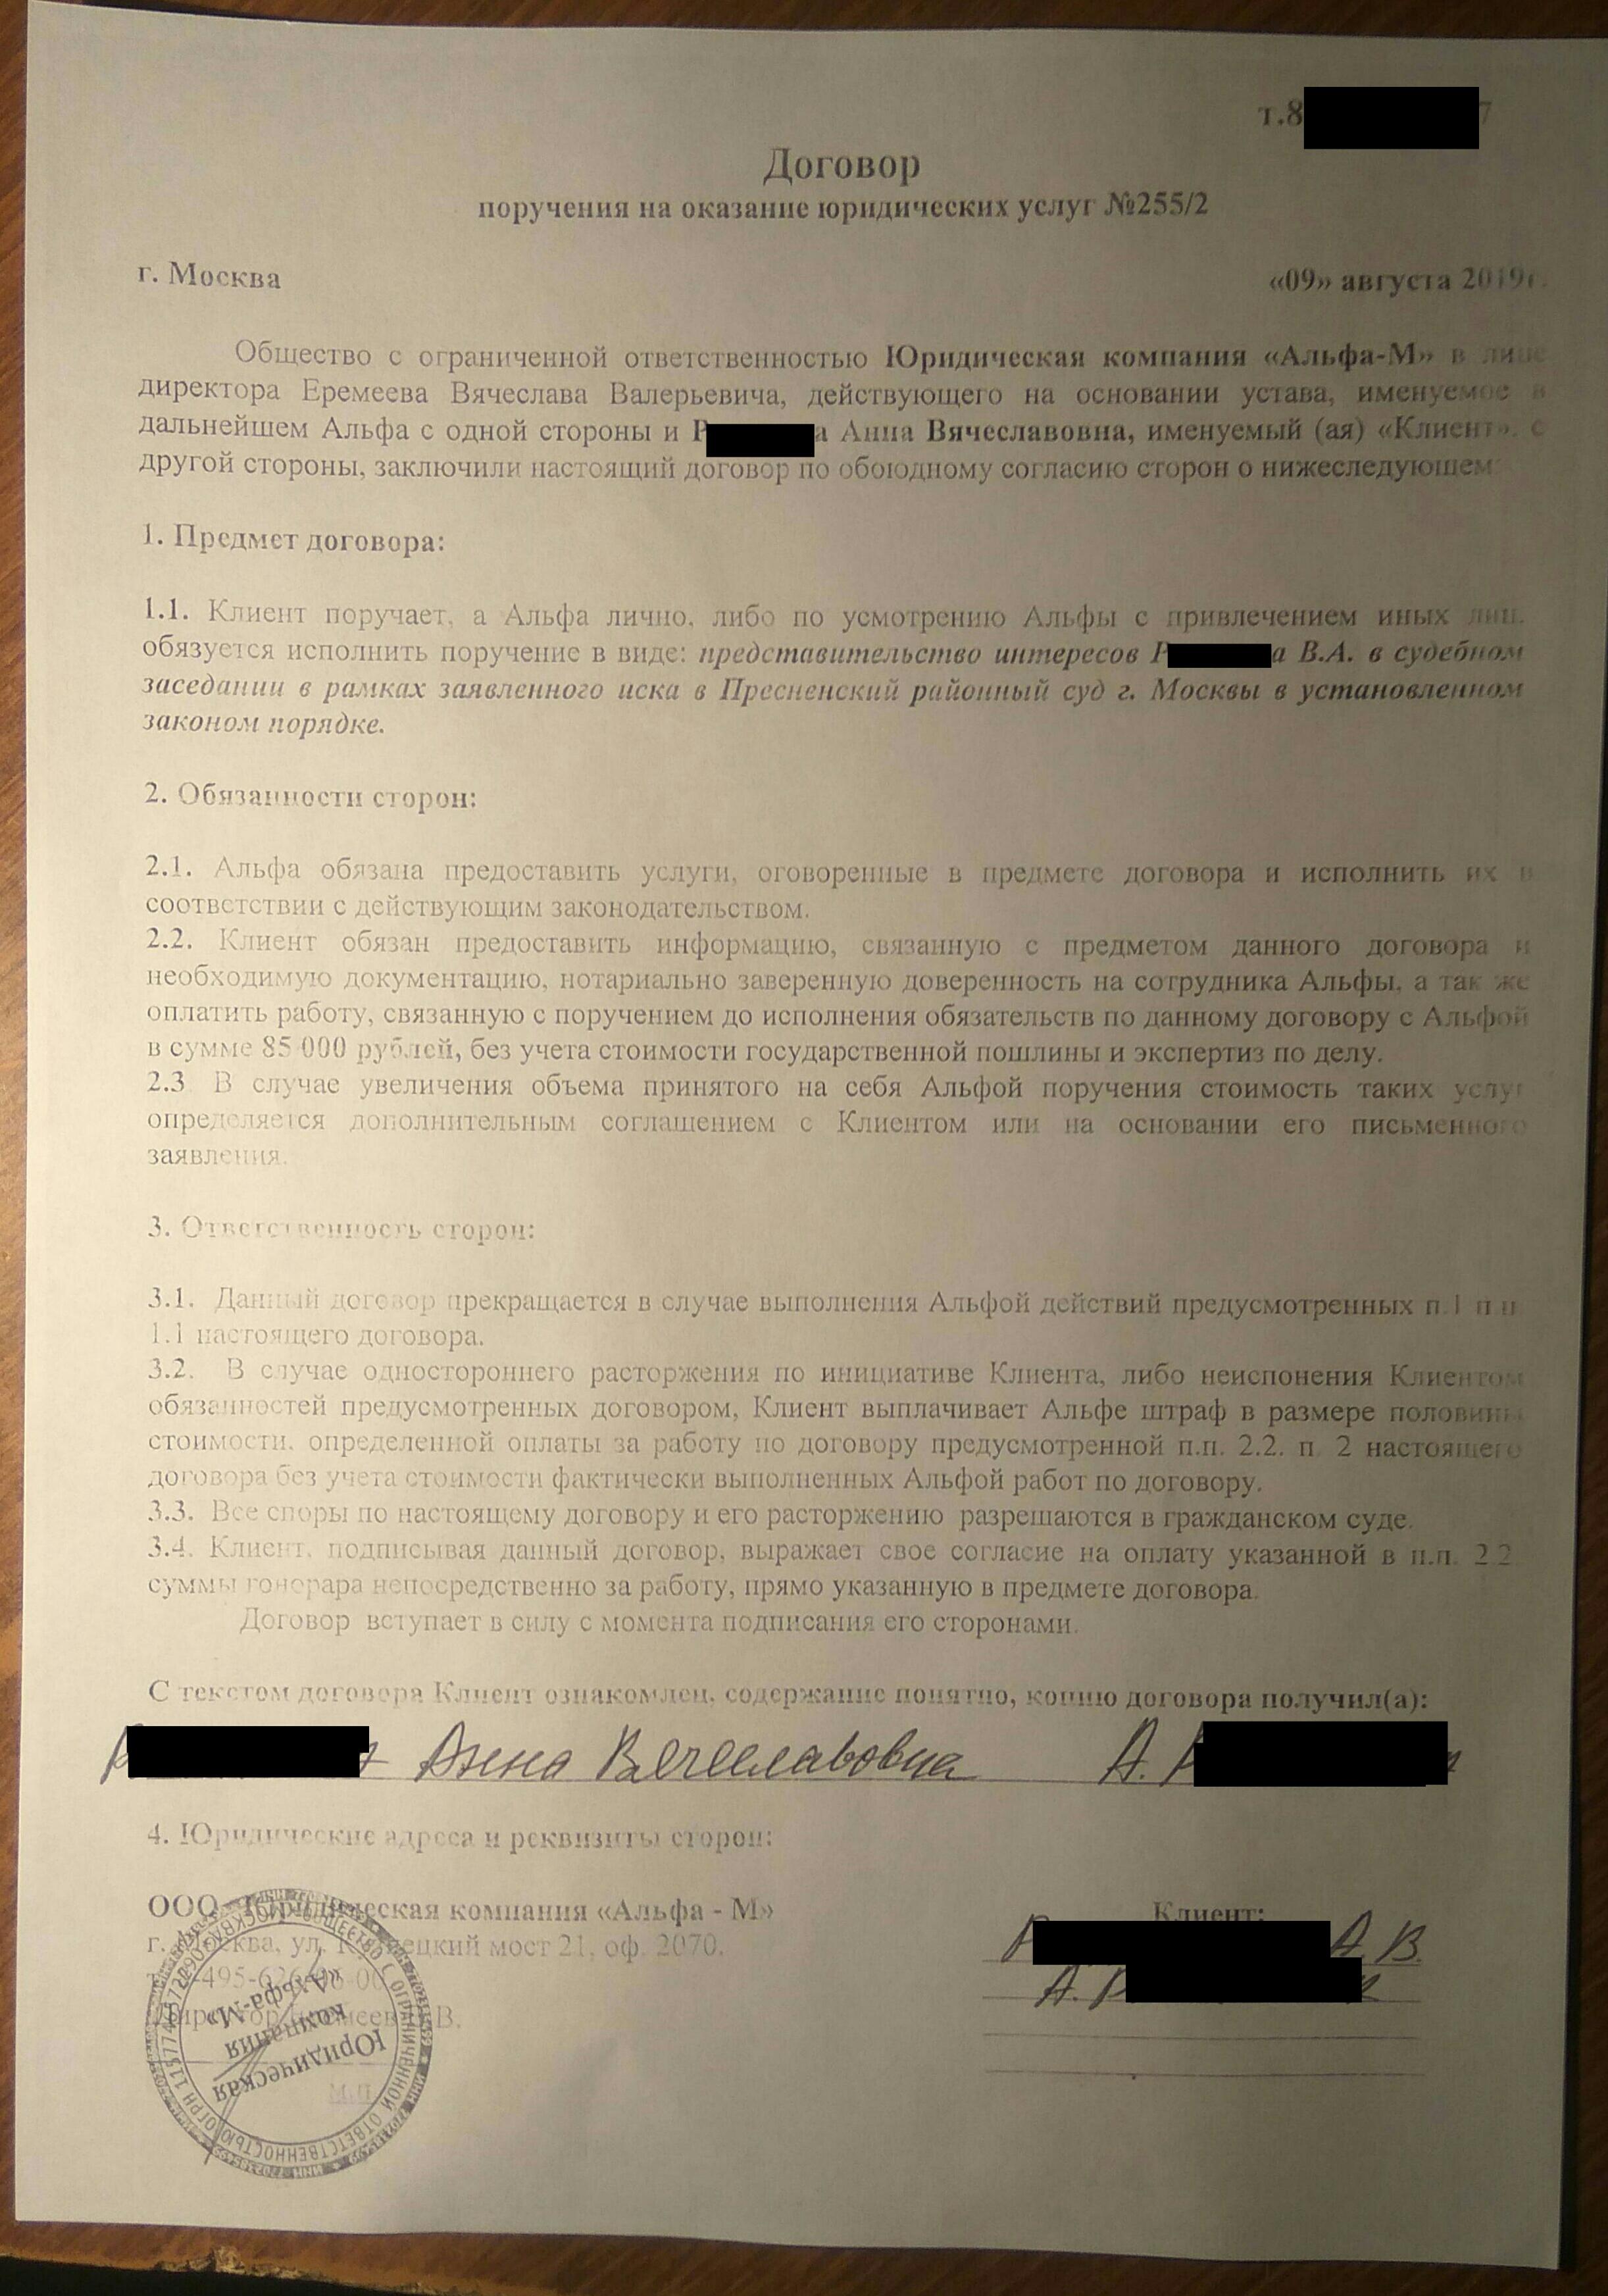 Определение наследников, имеющих право на обязательную долю в наследстве